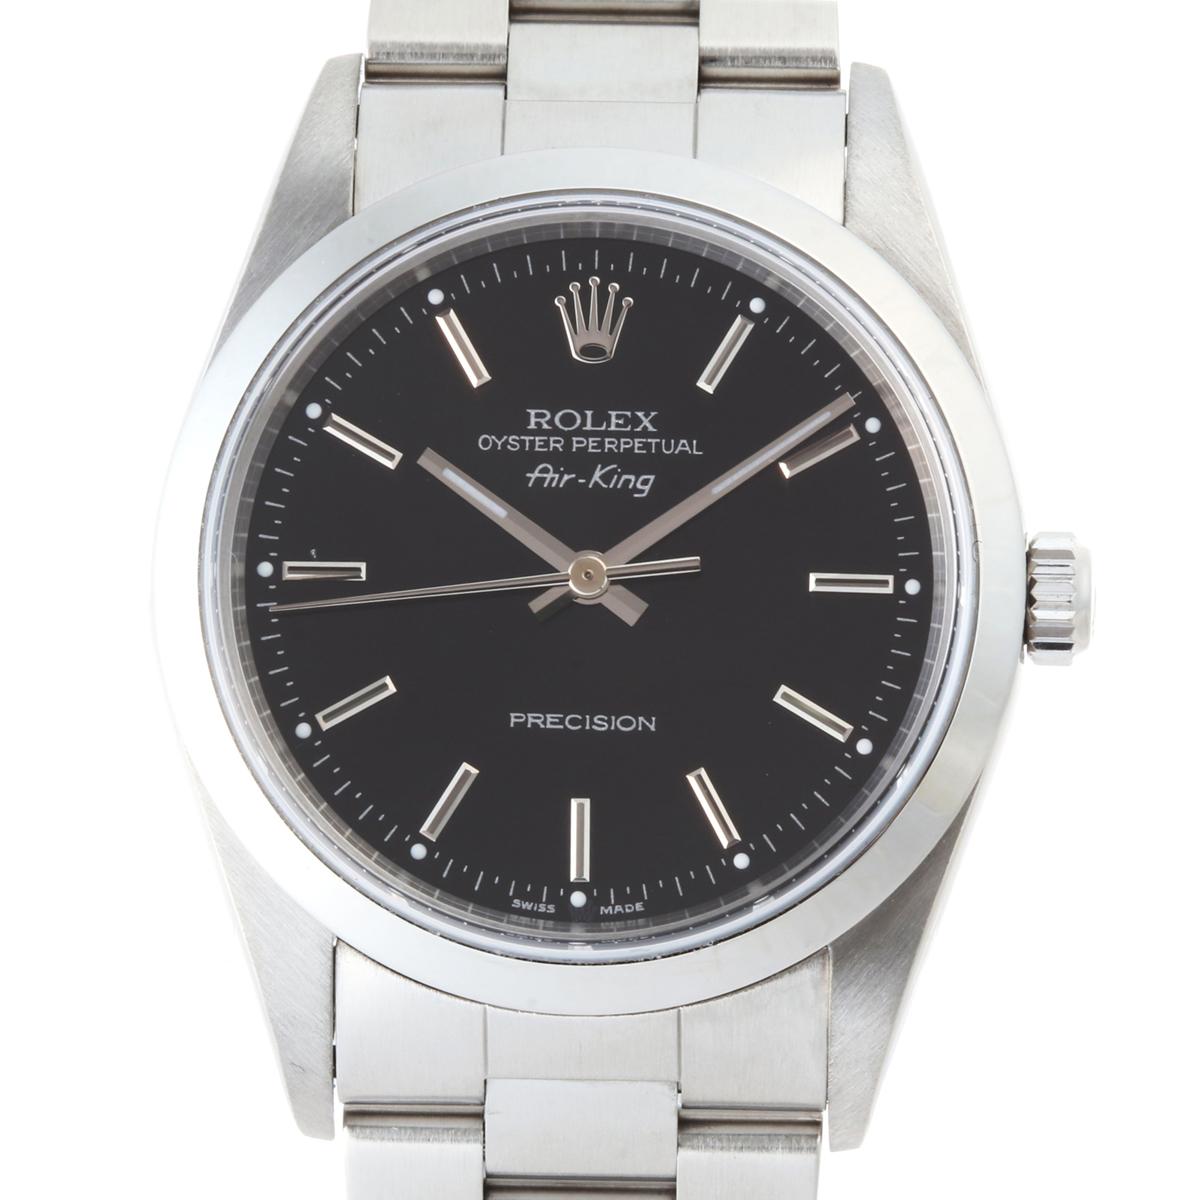 [銀座店] ROLEX ロレックス エアキング 14000M 腕時計 ステンレススチール ブラック文字盤 メンズ DH51124【大黒屋質店出品】 【中古】【店頭受取対応商品】